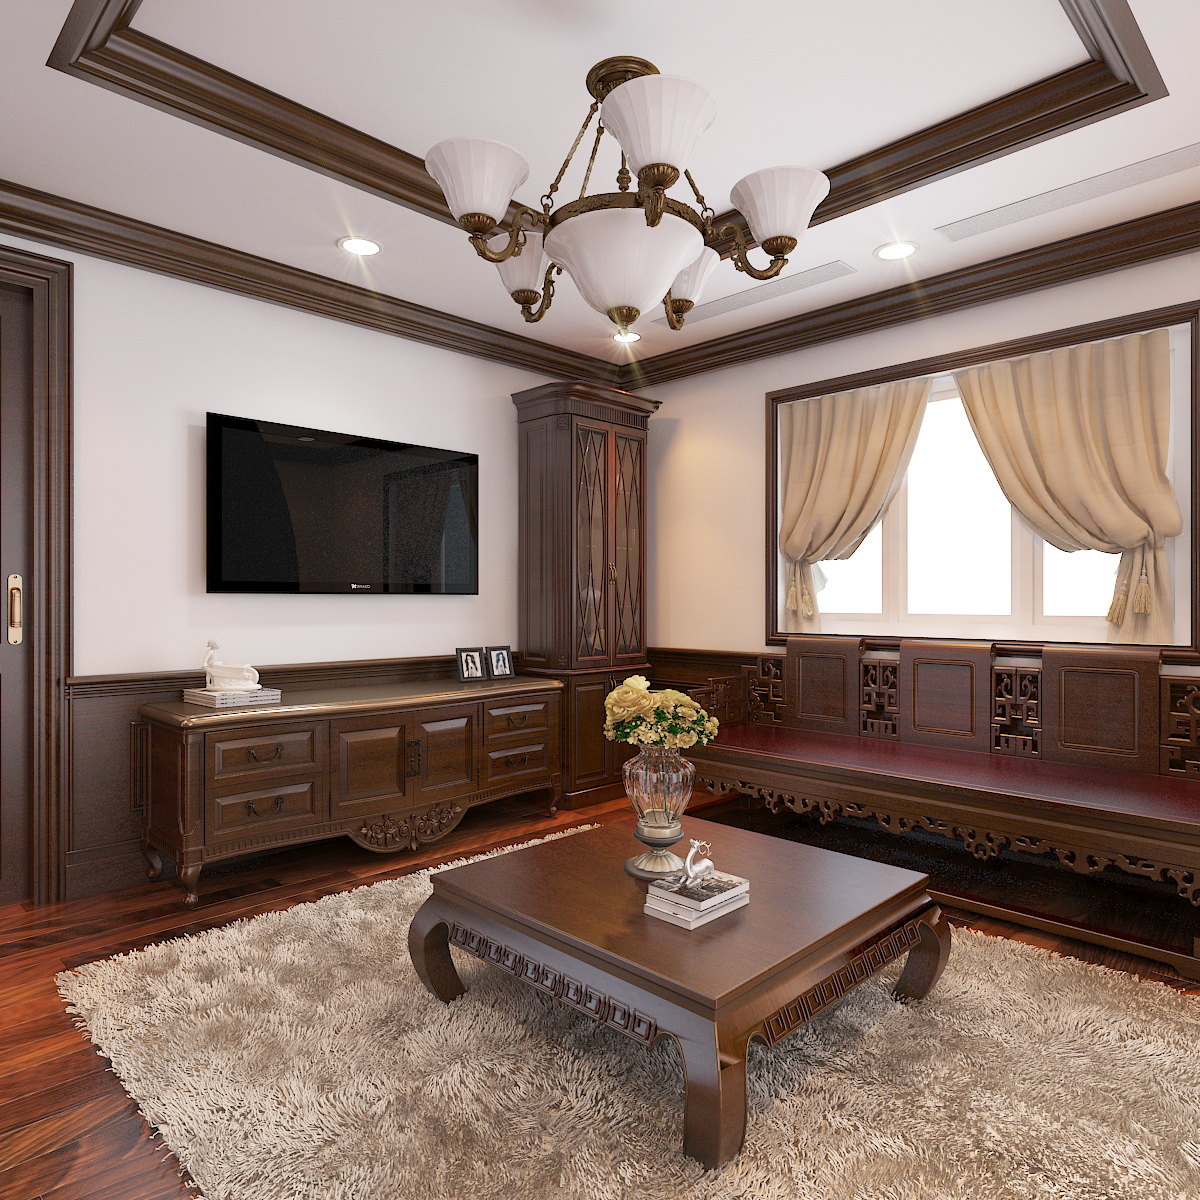 thiết kế nội thất Biệt Thự tại Hà Nội bt Vinhomes - riverside 47 1568276281